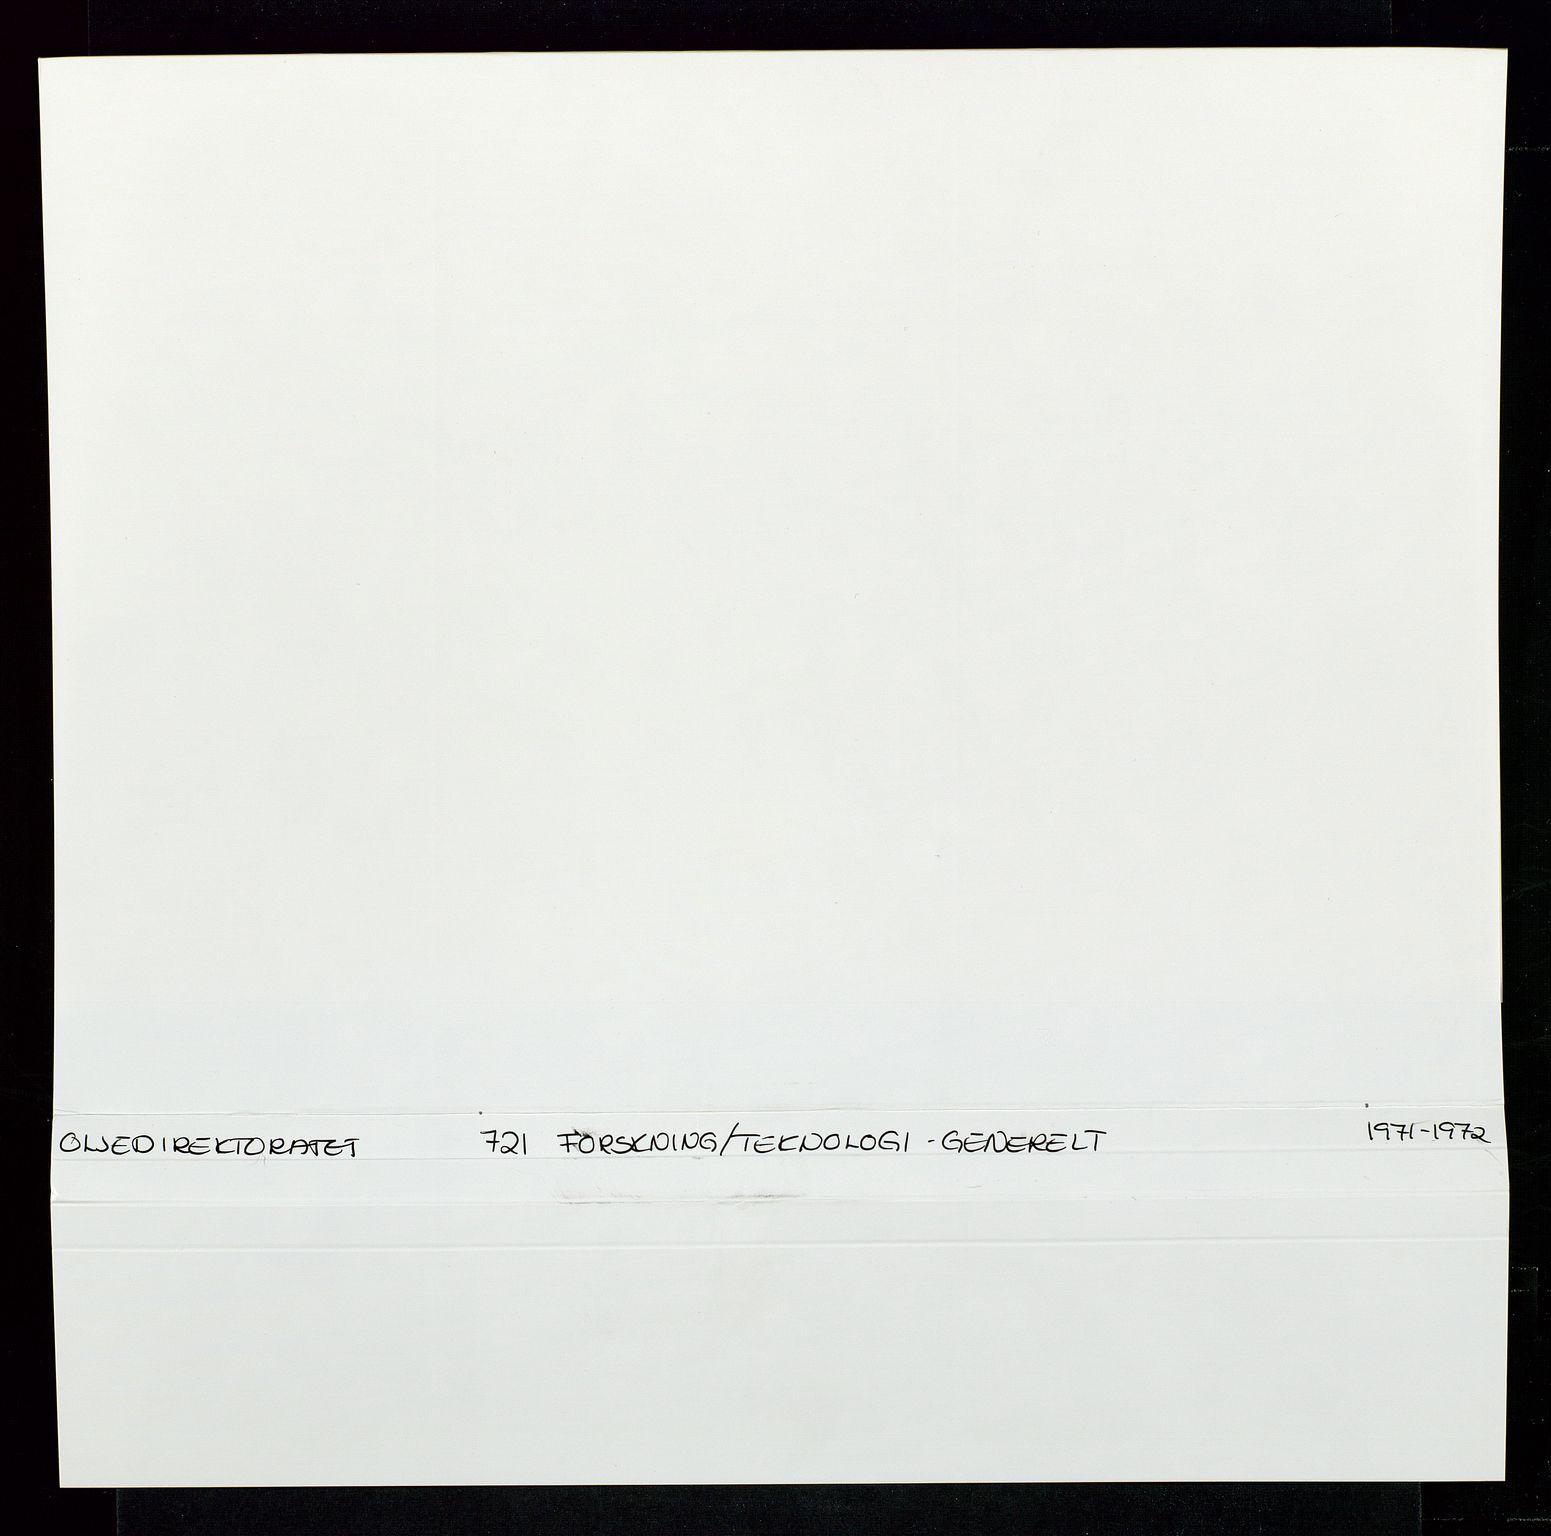 SAST, Industridepartementet, Oljekontoret, Da/L0008:  Arkivnøkkel 721- 722 Geofysikk, forskning, 1970-1972, s. 2